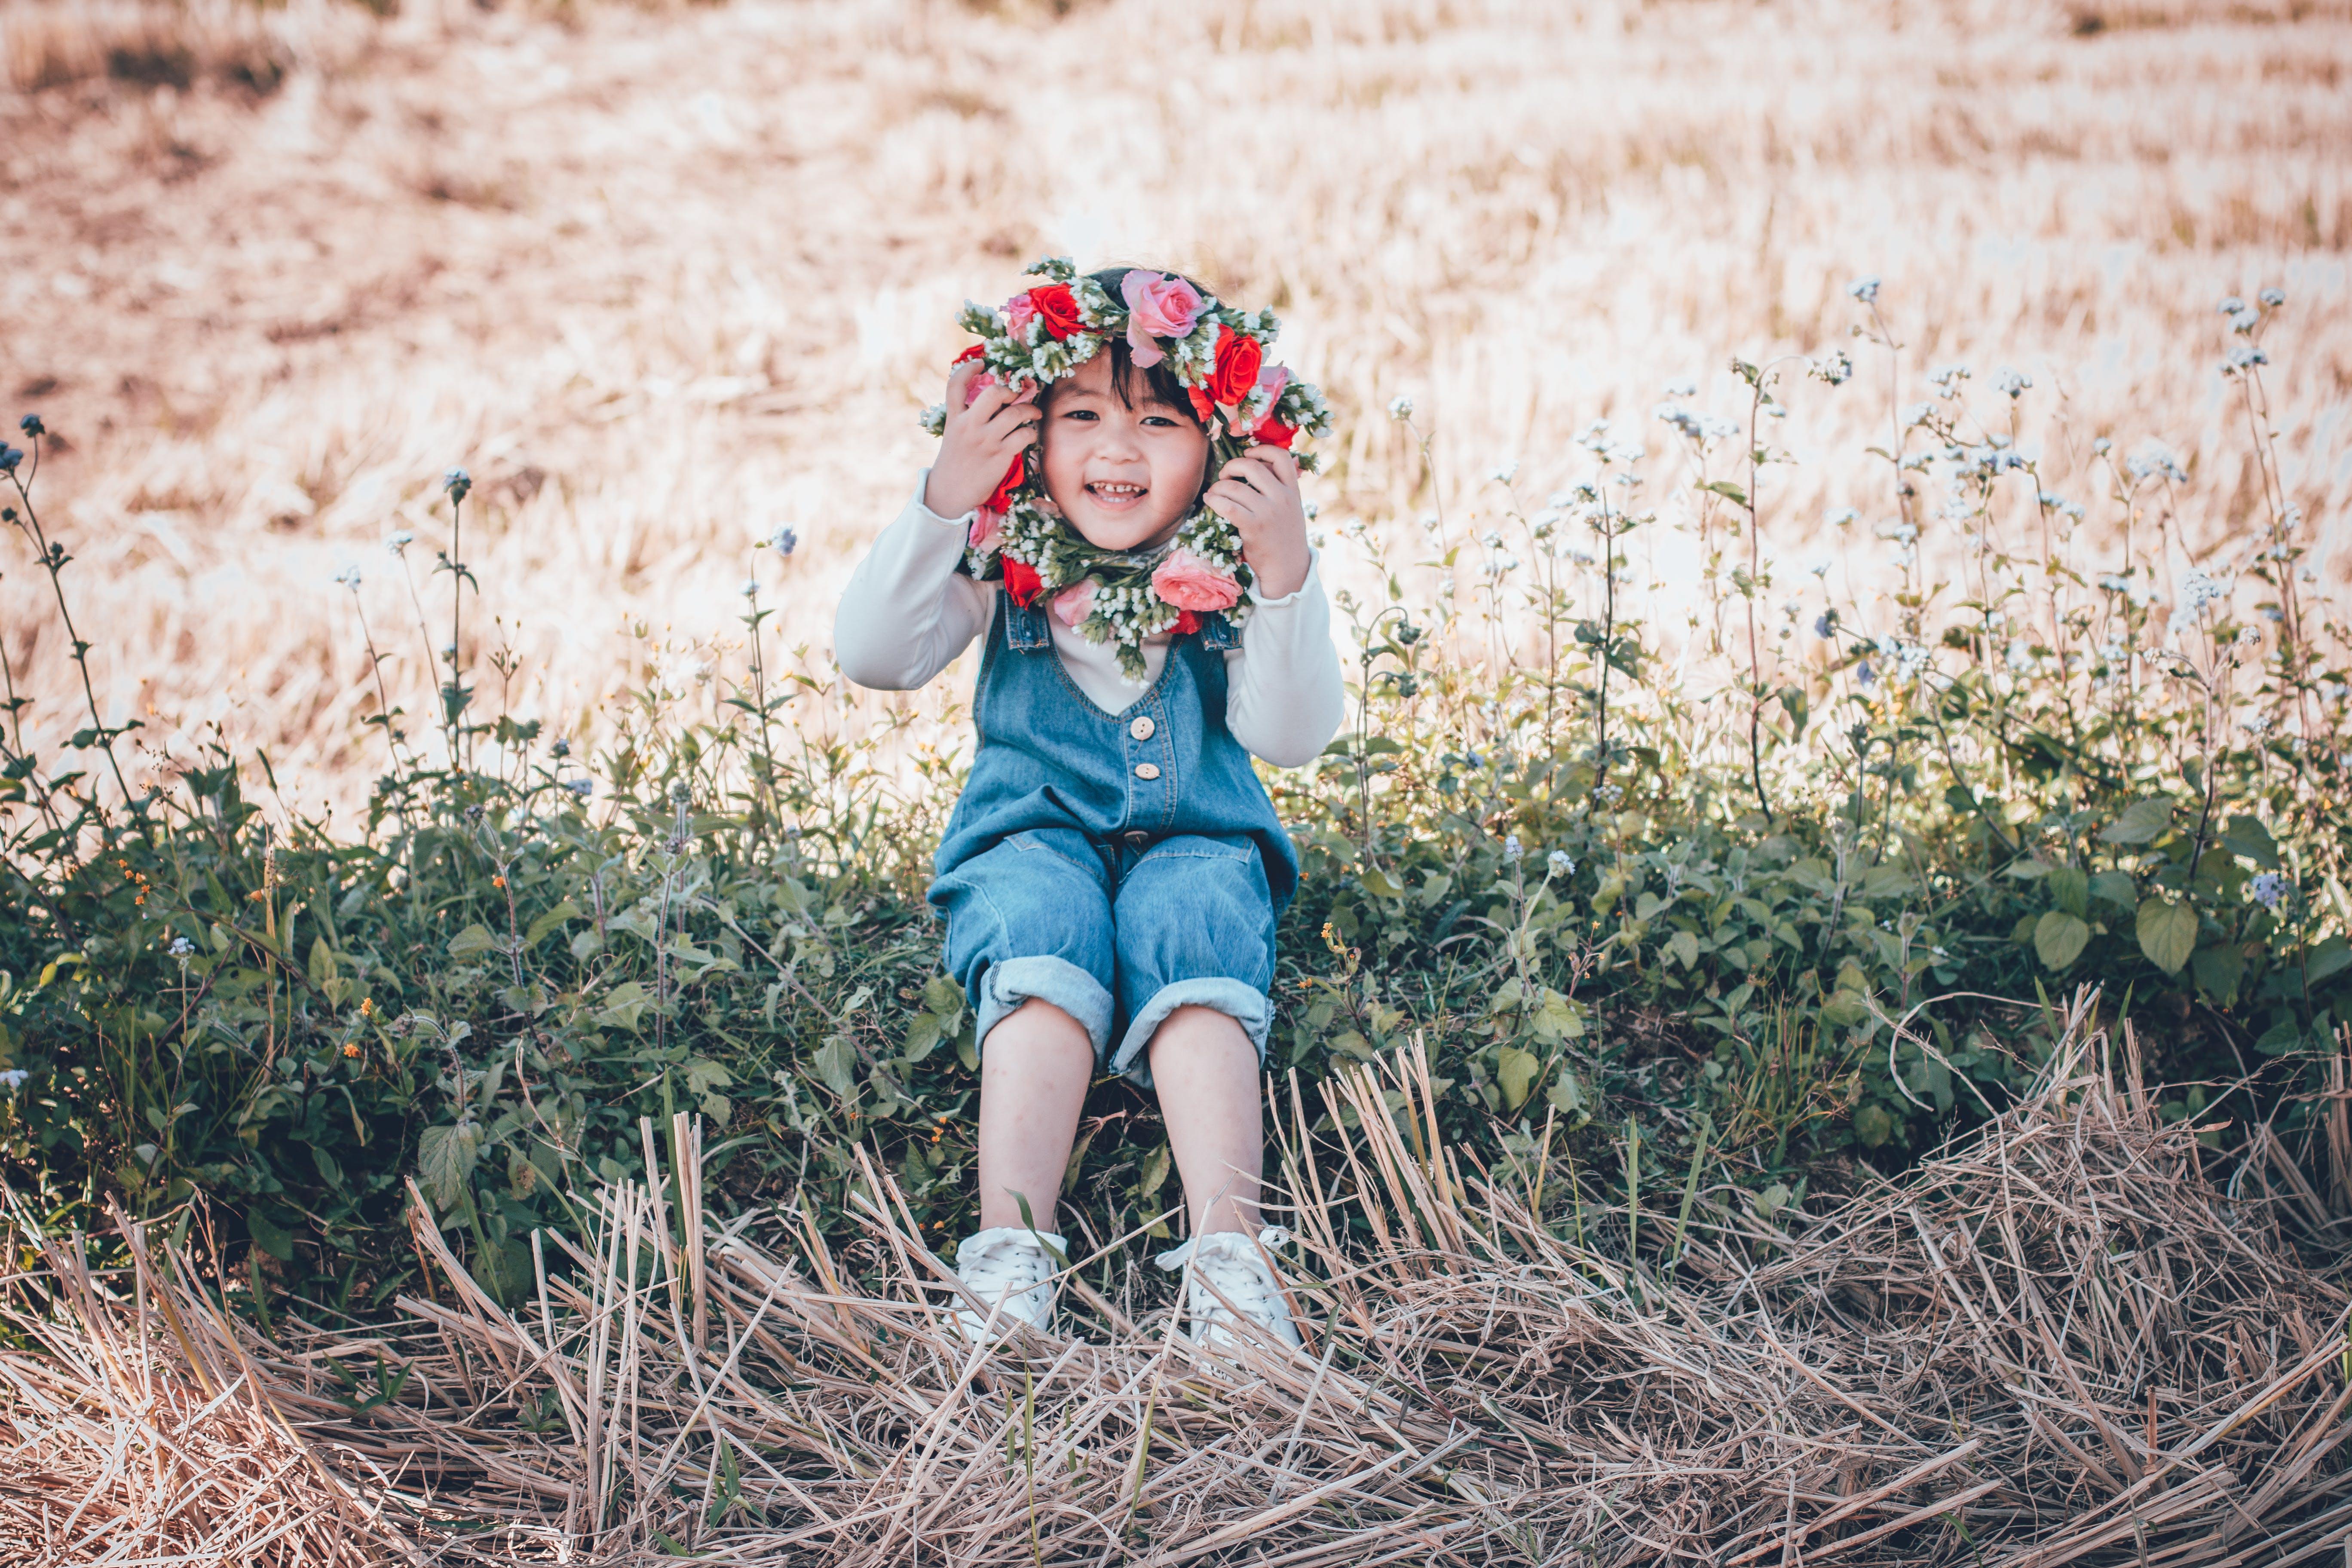 Girl Holding Flower Crown